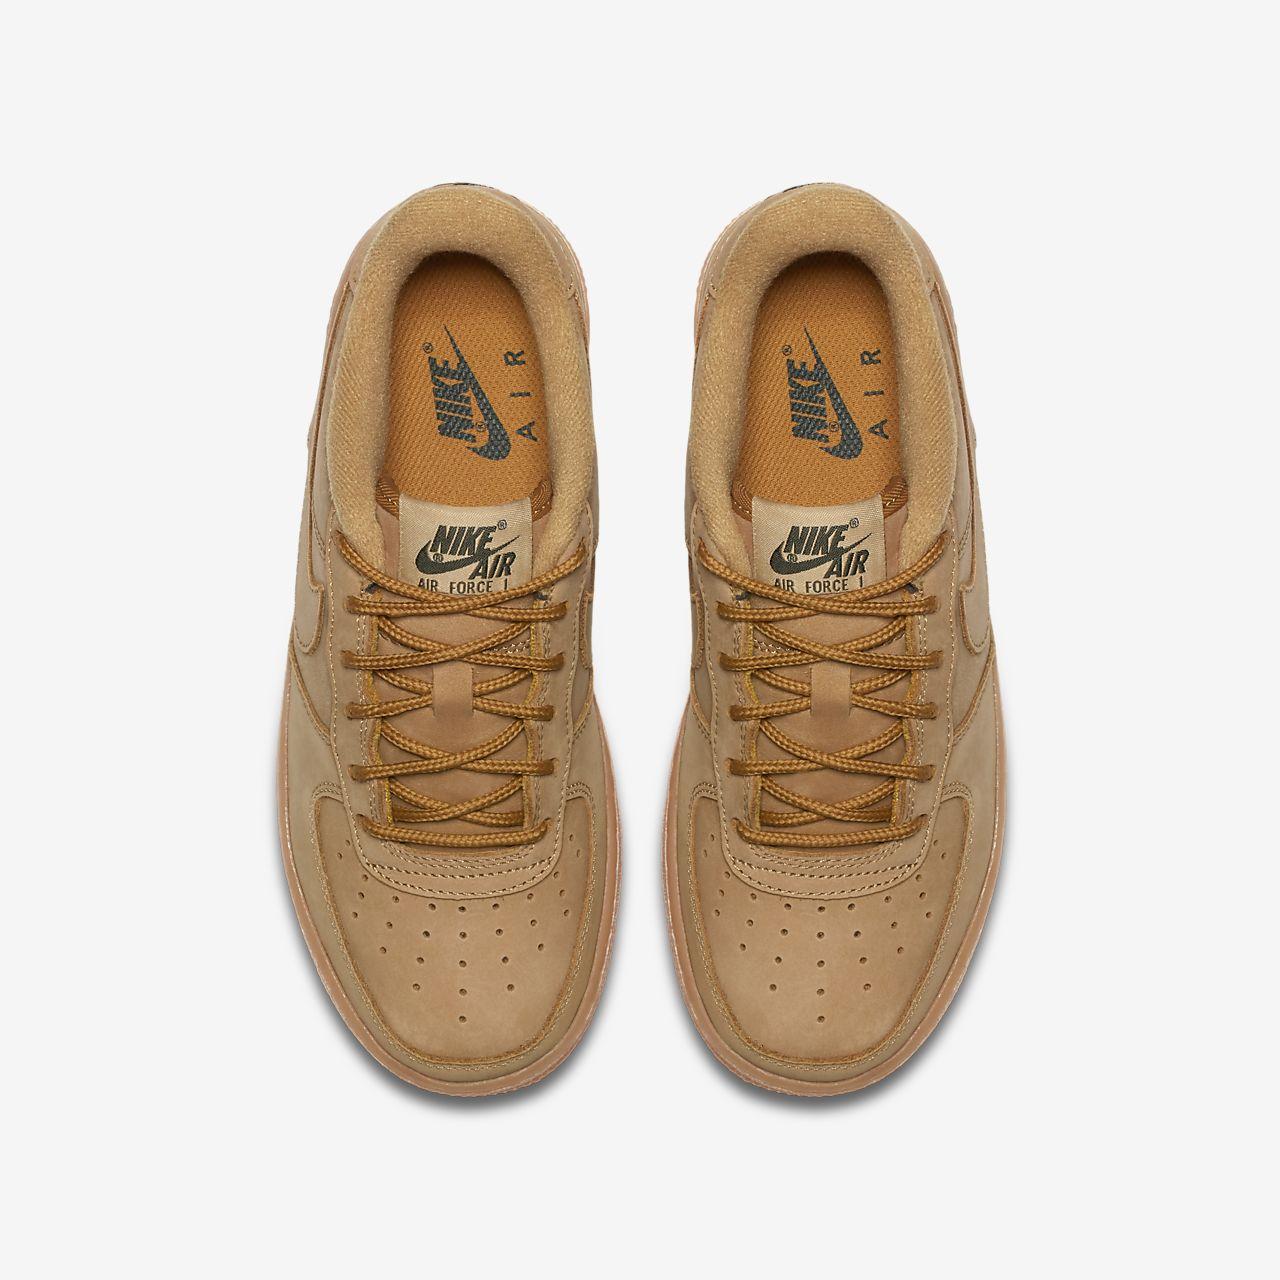 nike air force premium nike orange sneakers